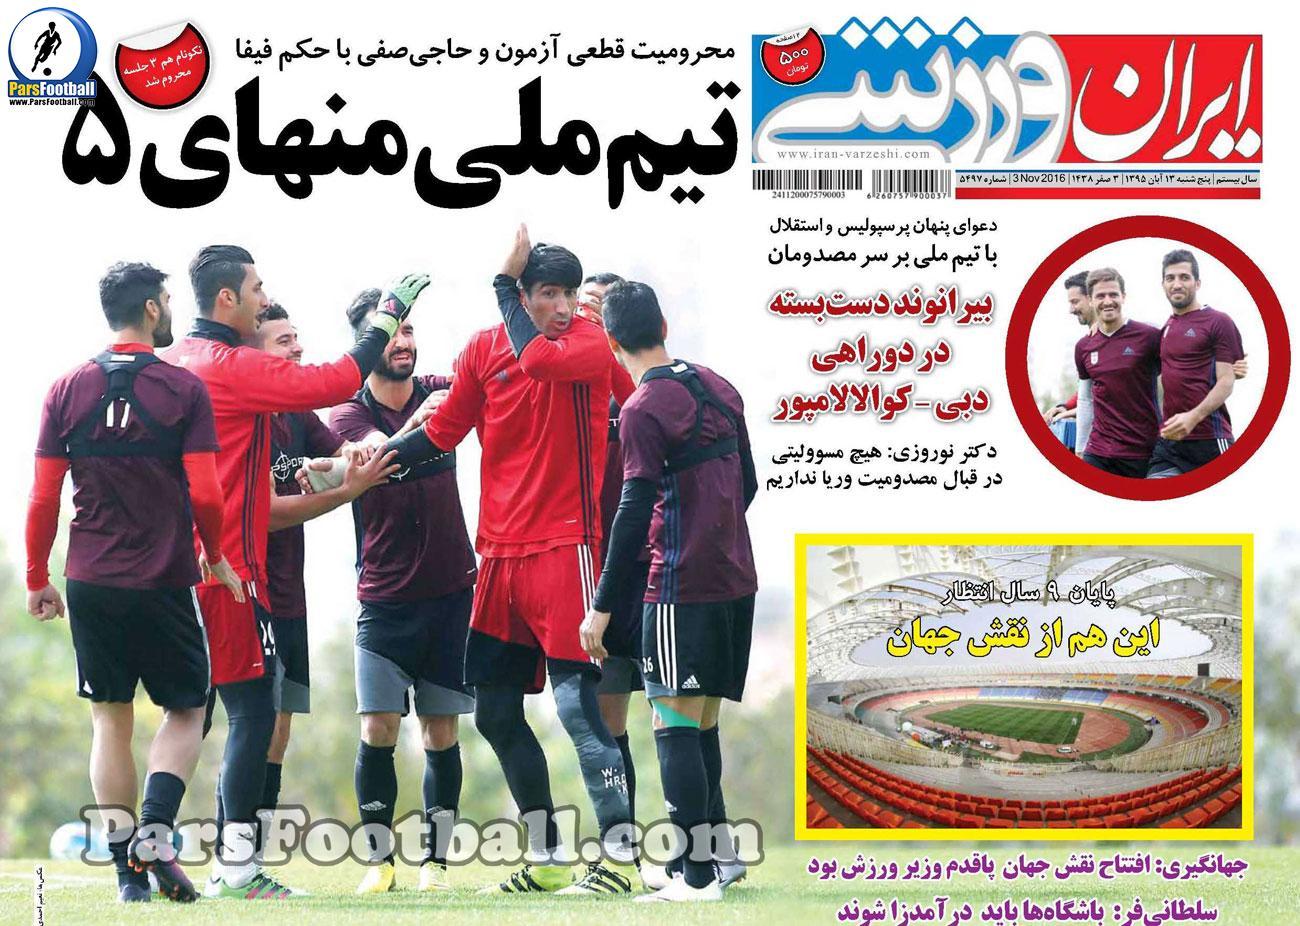 روزنامه ایران ورزشی پنجشنبه 13 آبان 95